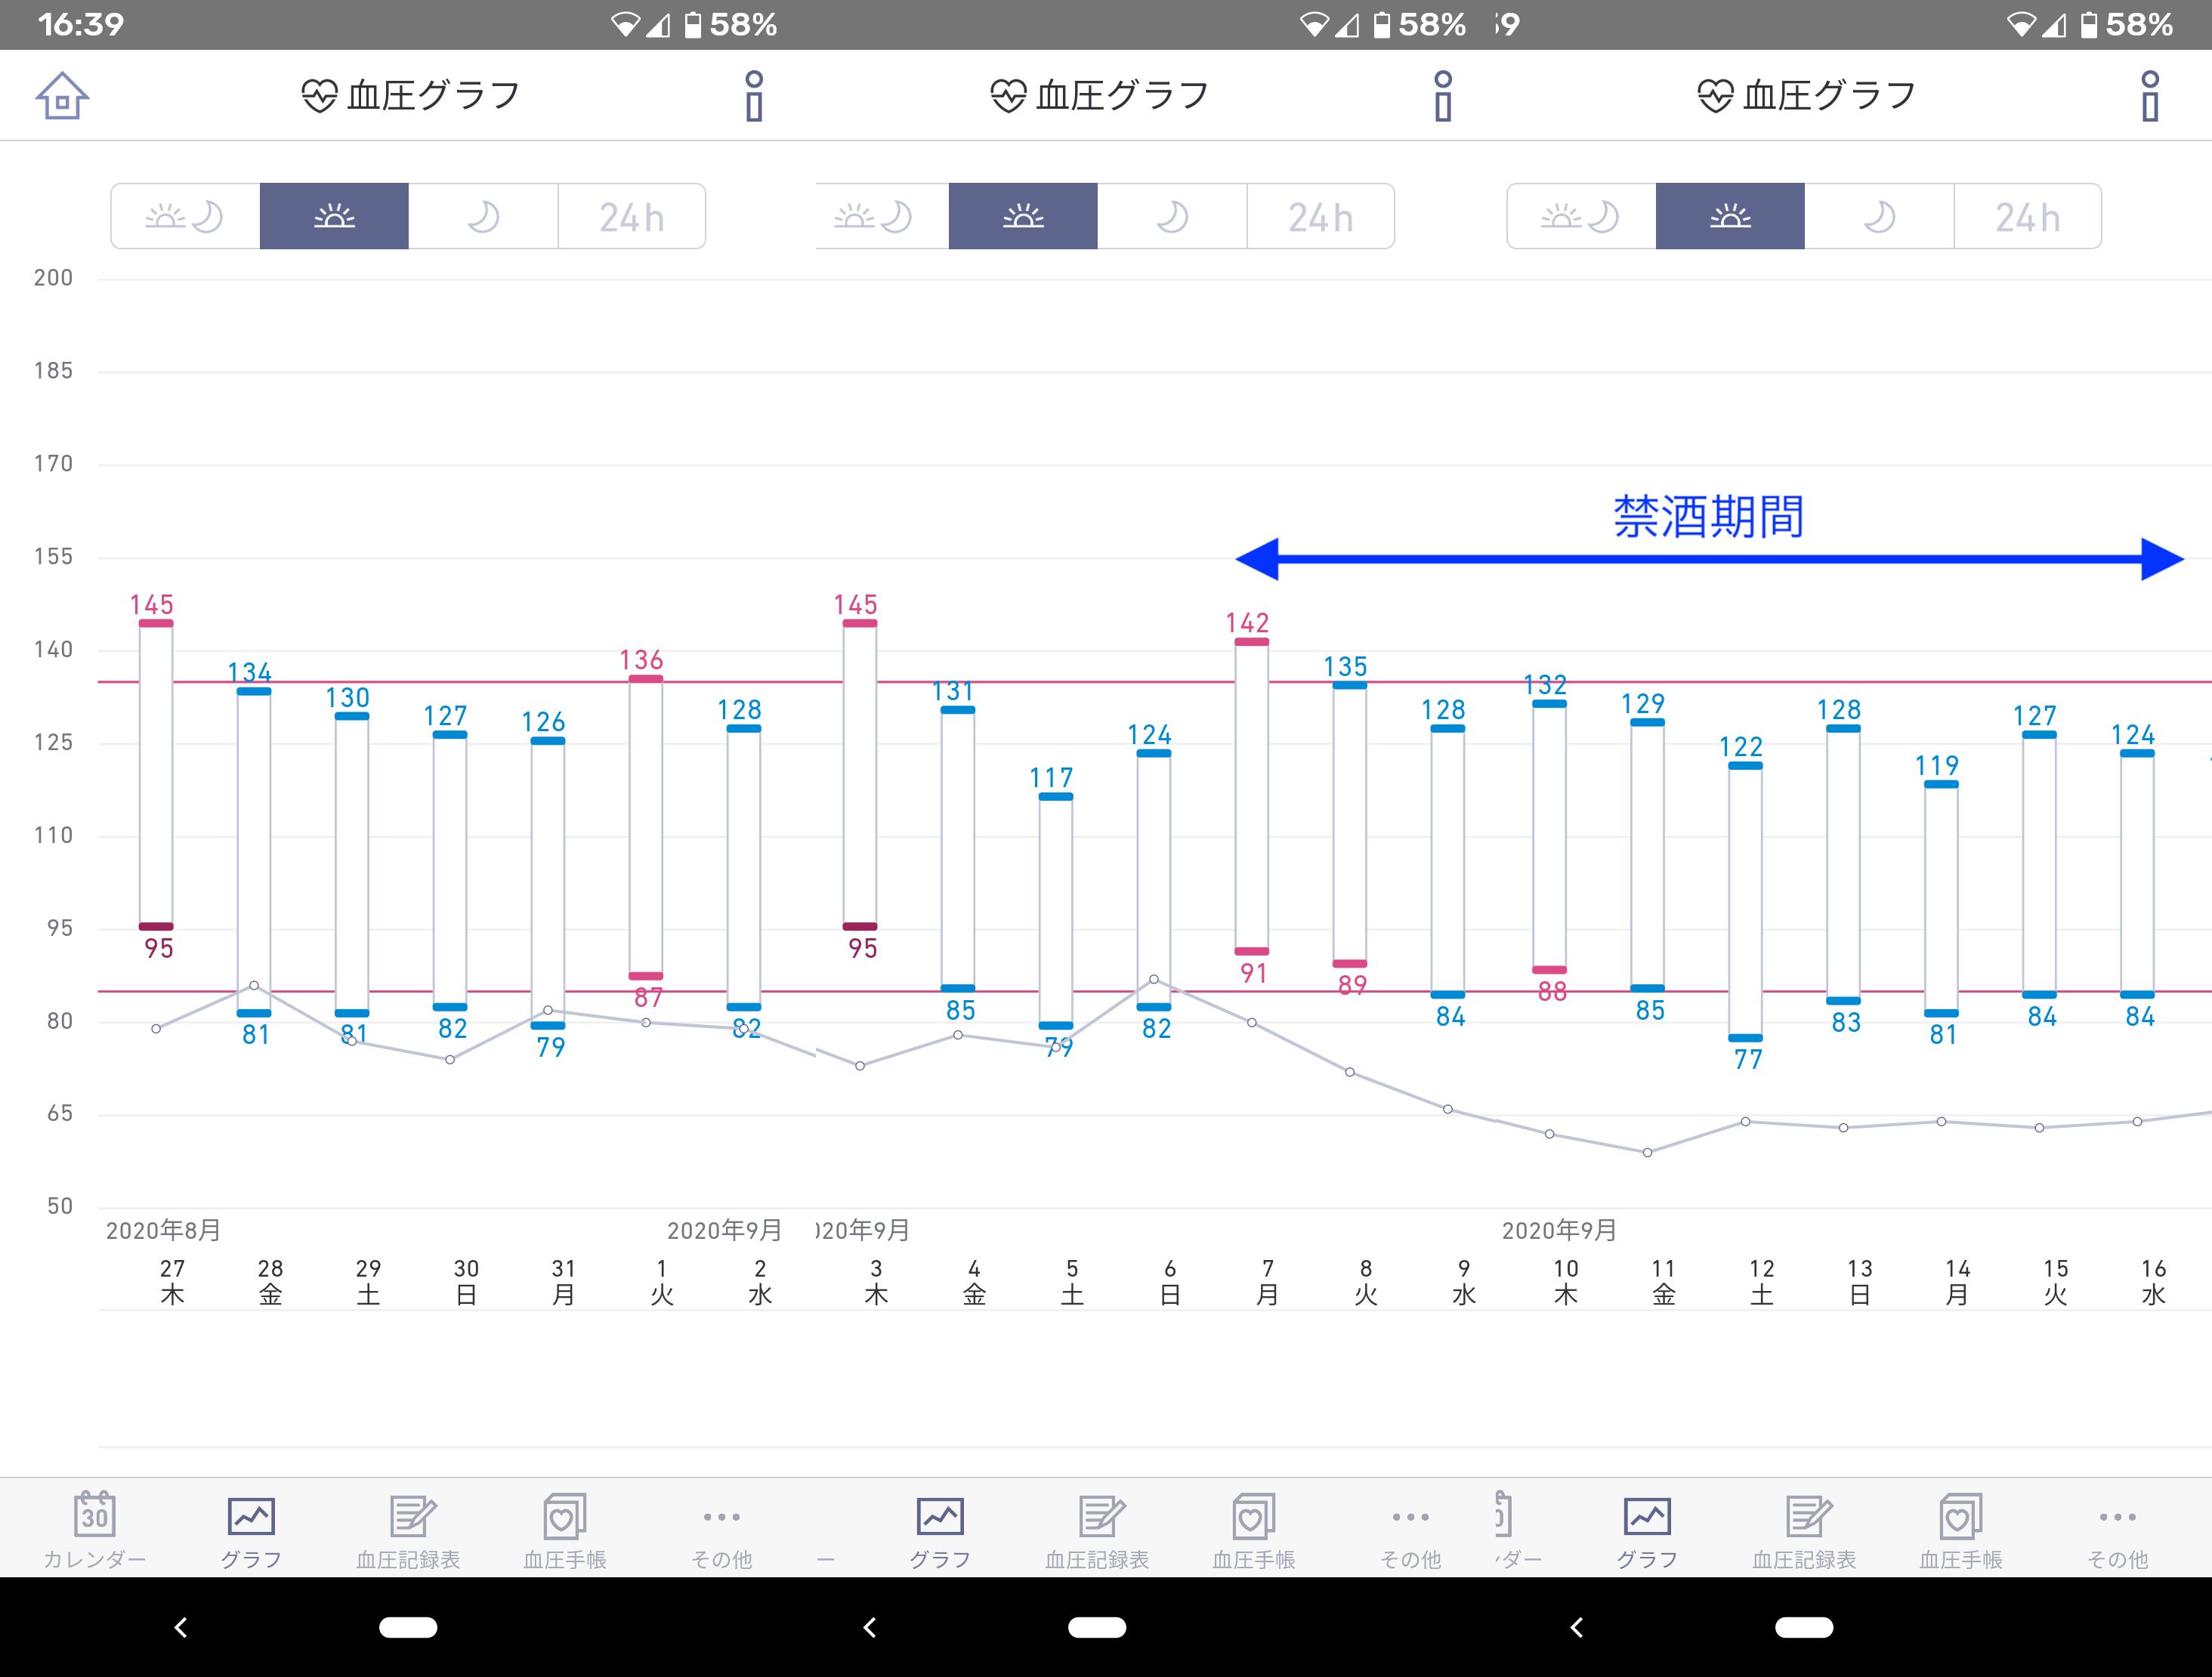 血圧グラフ1